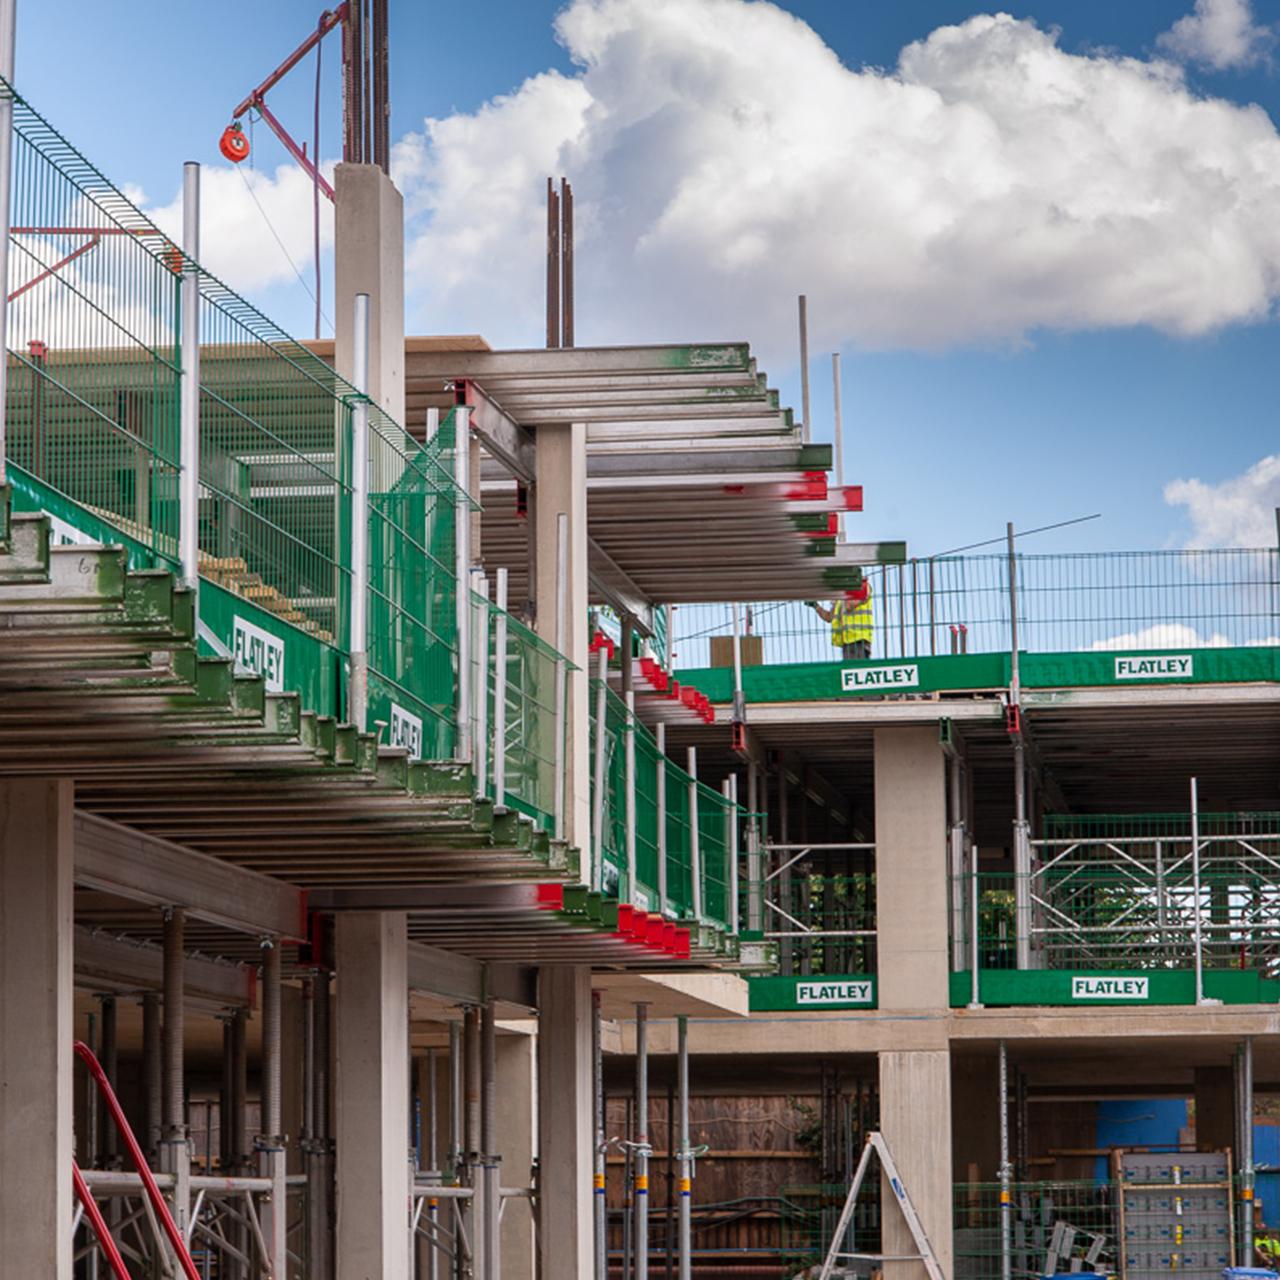 Flatley Construction Concrete Frames image